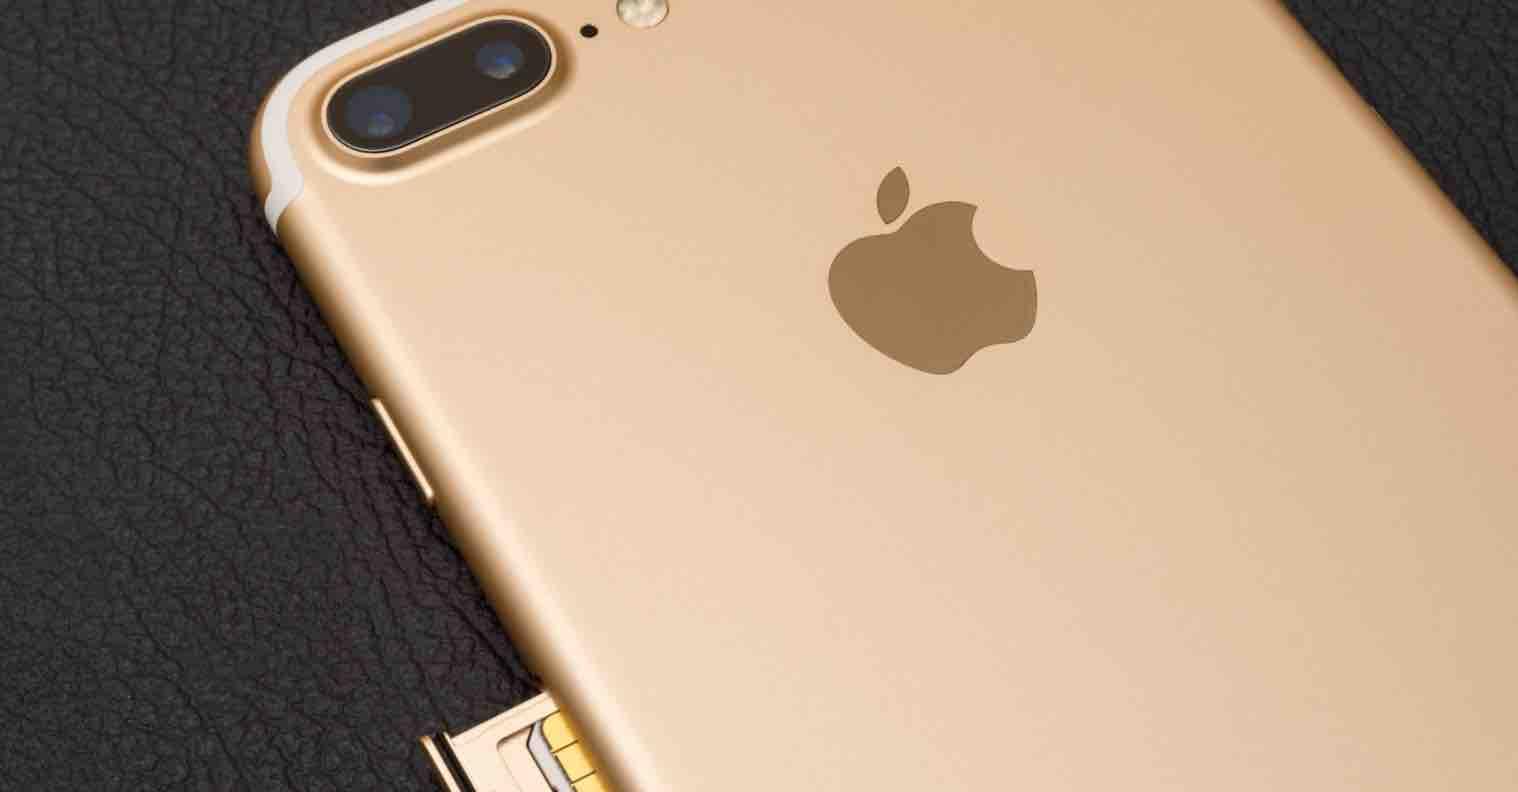 ghép ảnh iOS